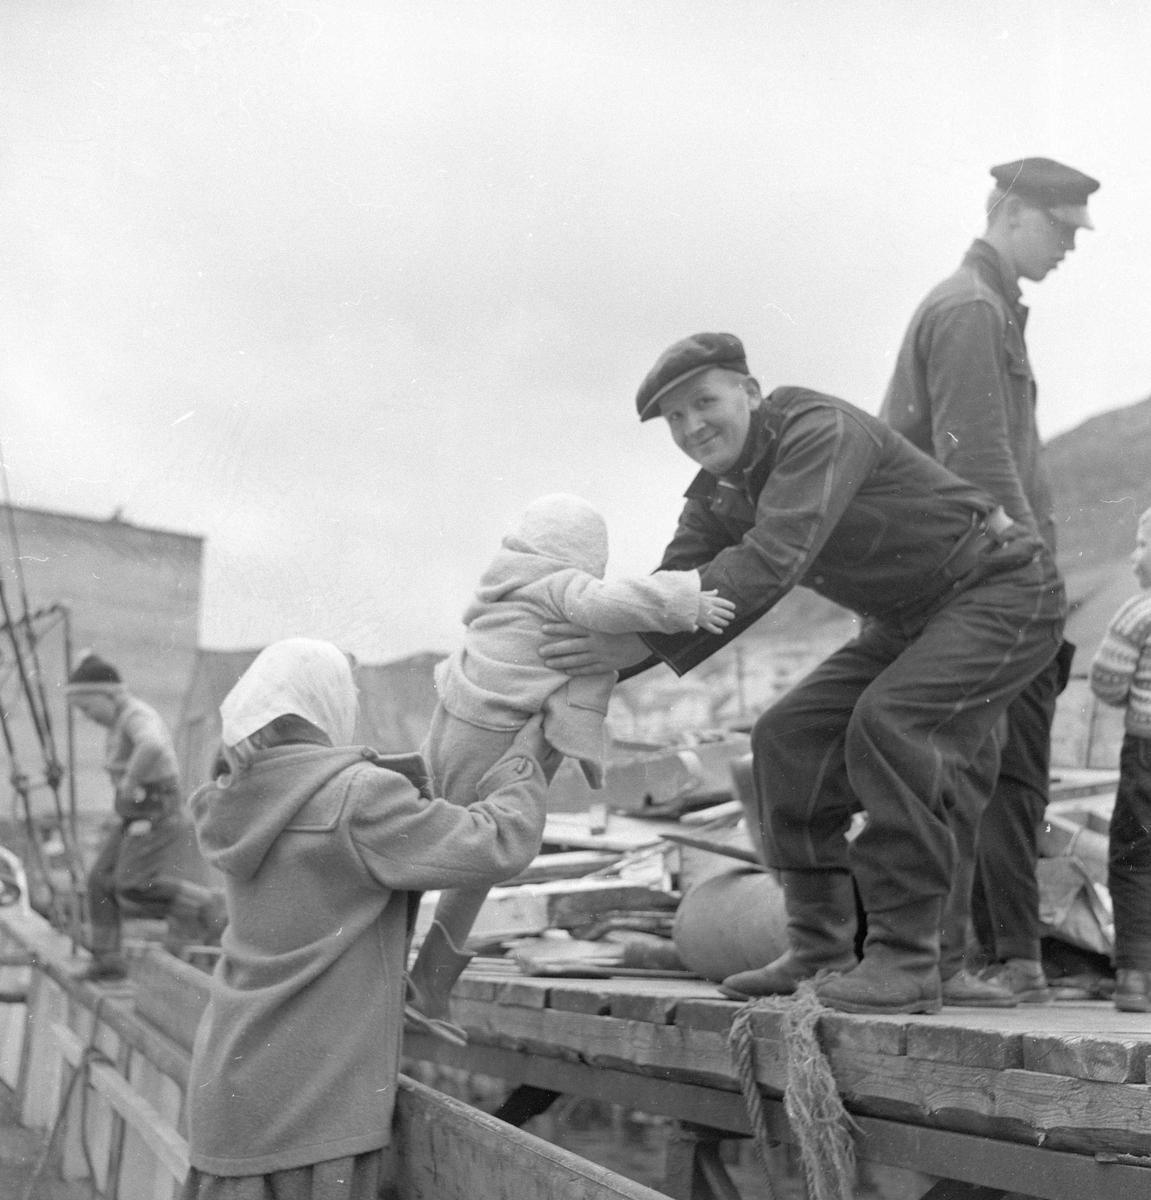 Pigghåfiske på Shetland.Shetland, 14-22. mai 1958, forsyninger lastes ombord i fiskeskøyta.